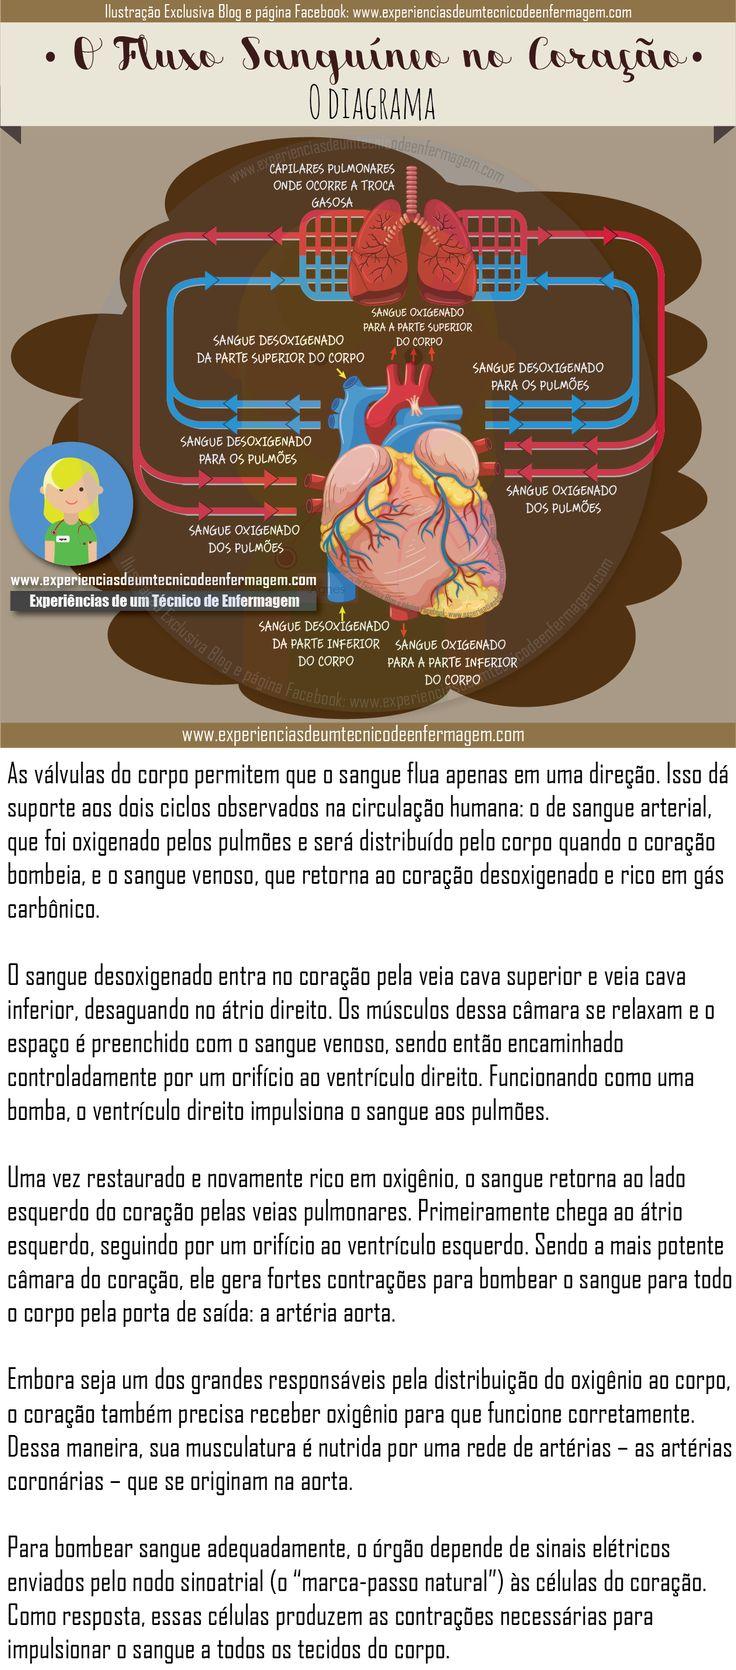 75 o más mejores imágenes de Luana Moura en Estudos en Pinterest ...